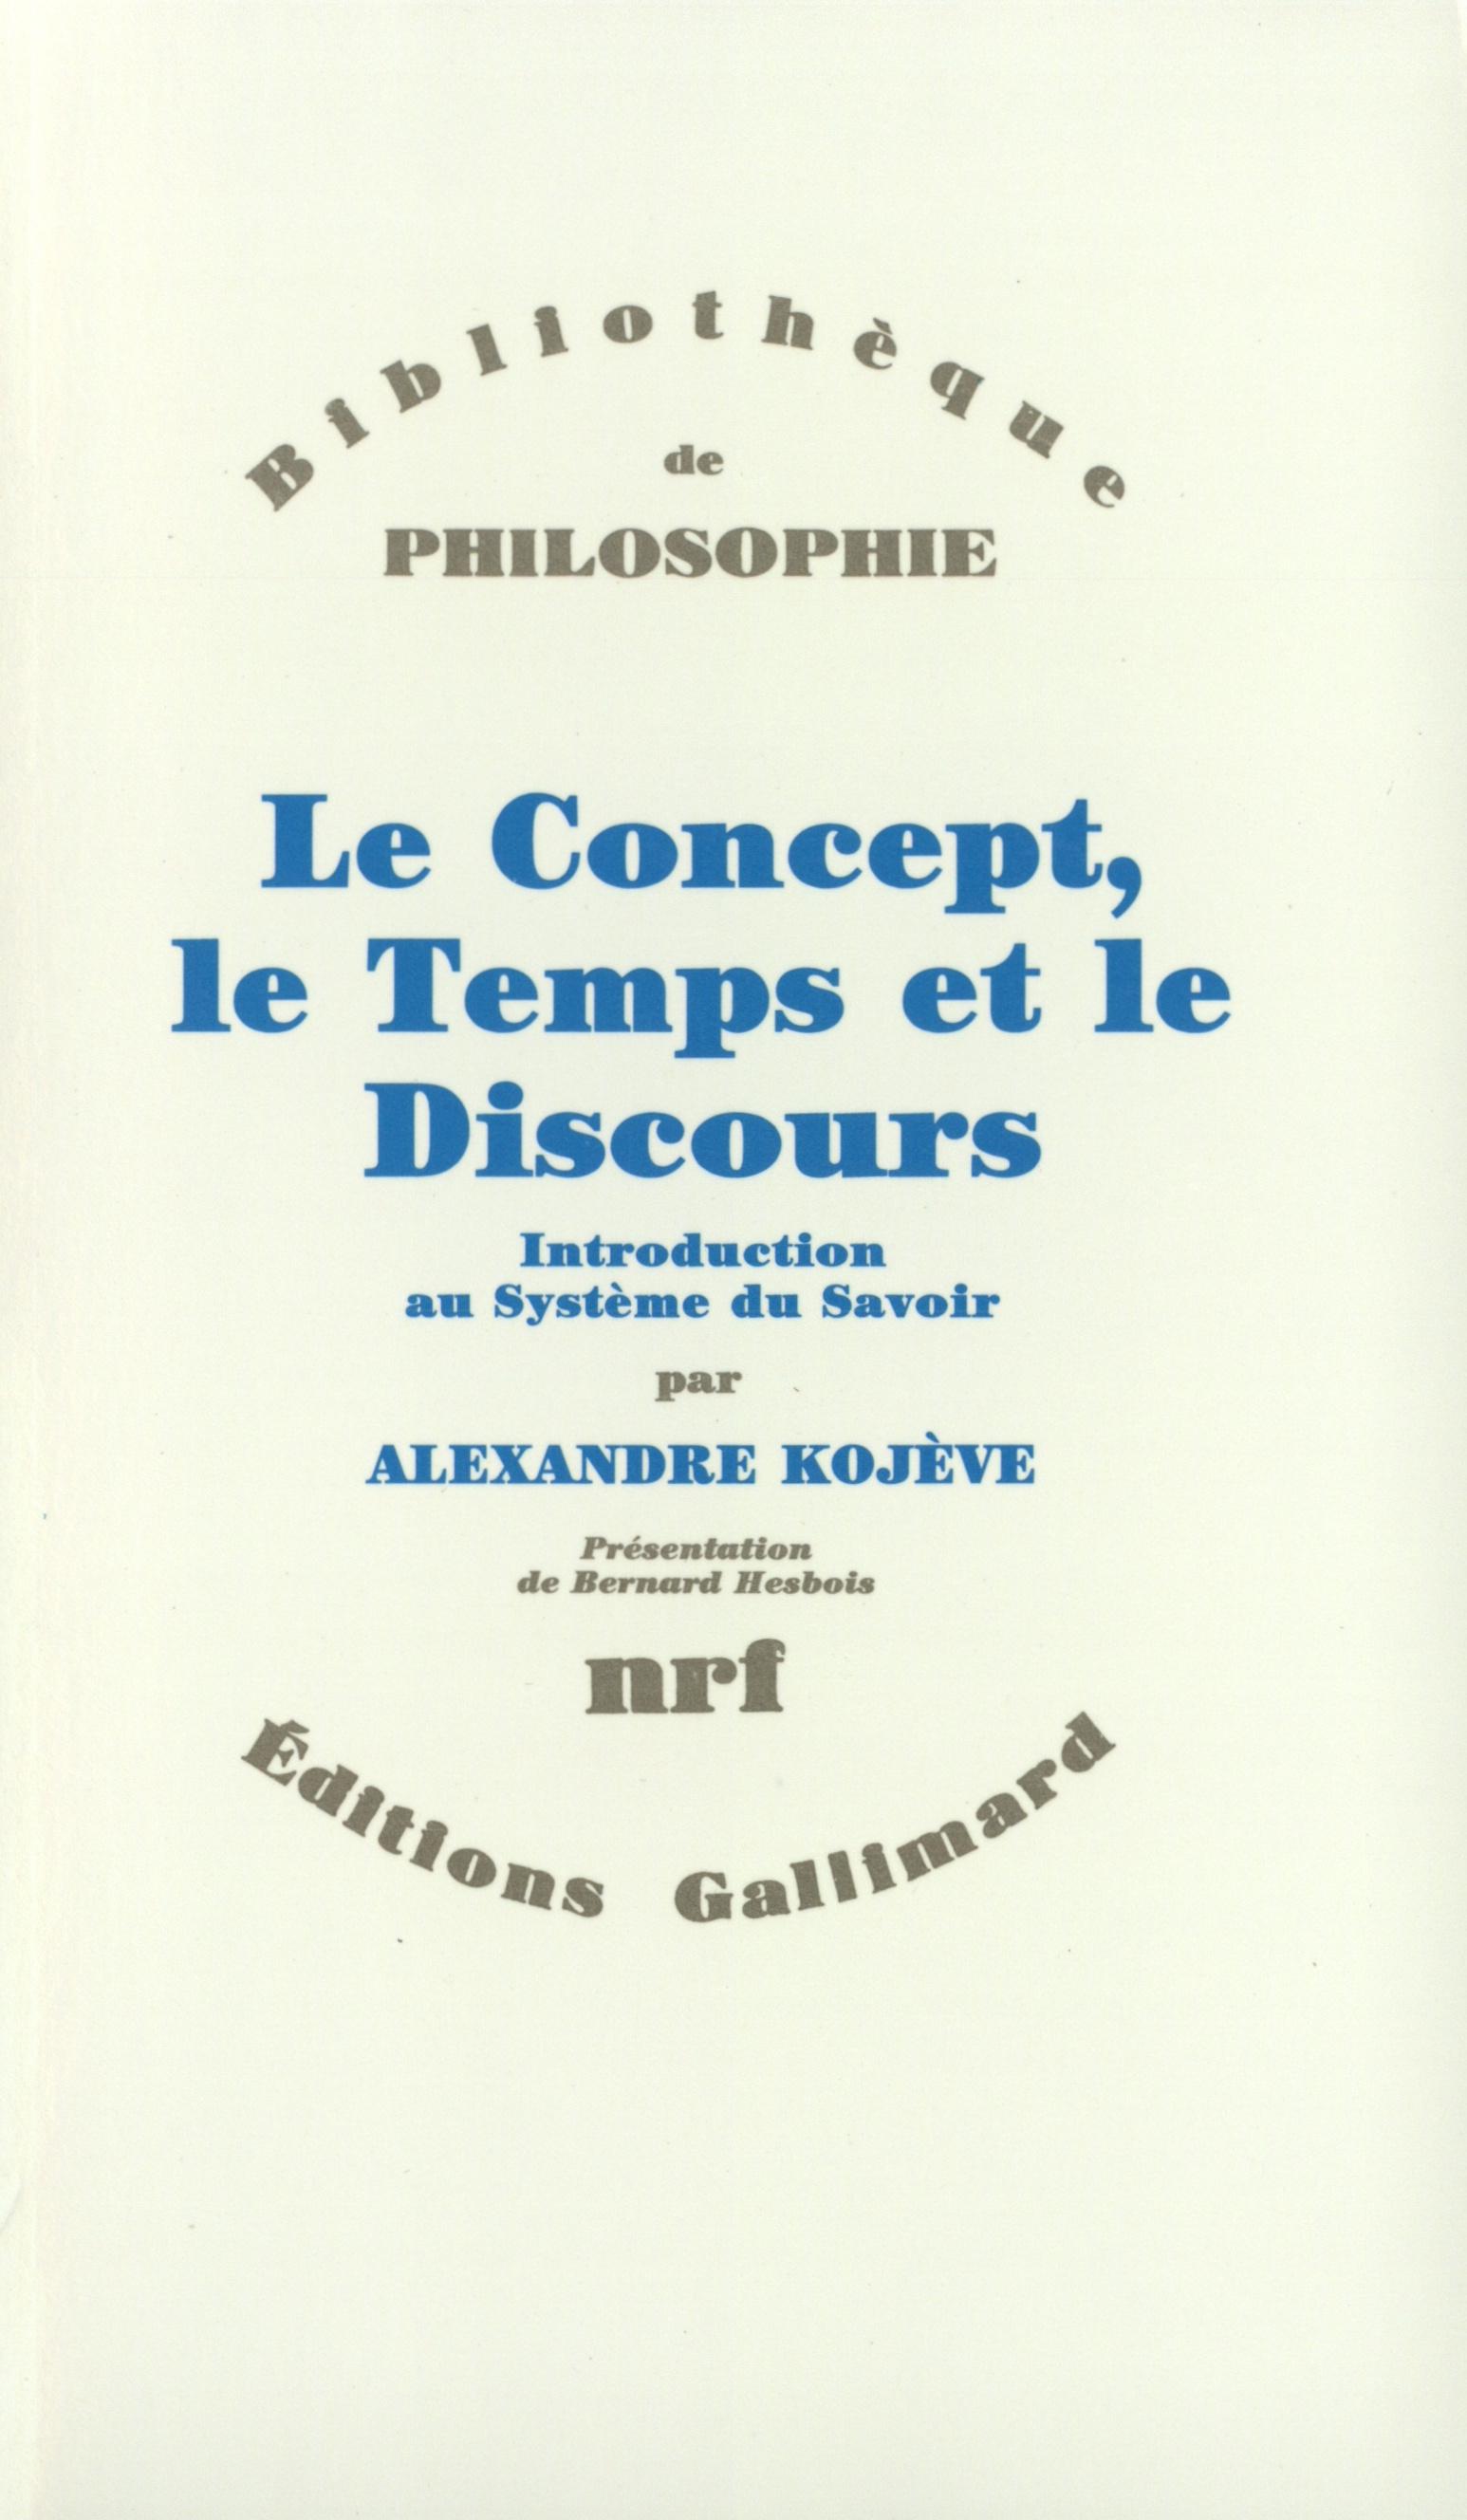 Le Concept Le Temps Et Le Discours Bibliotheque De Philosophie Gallimard Site Gallimard